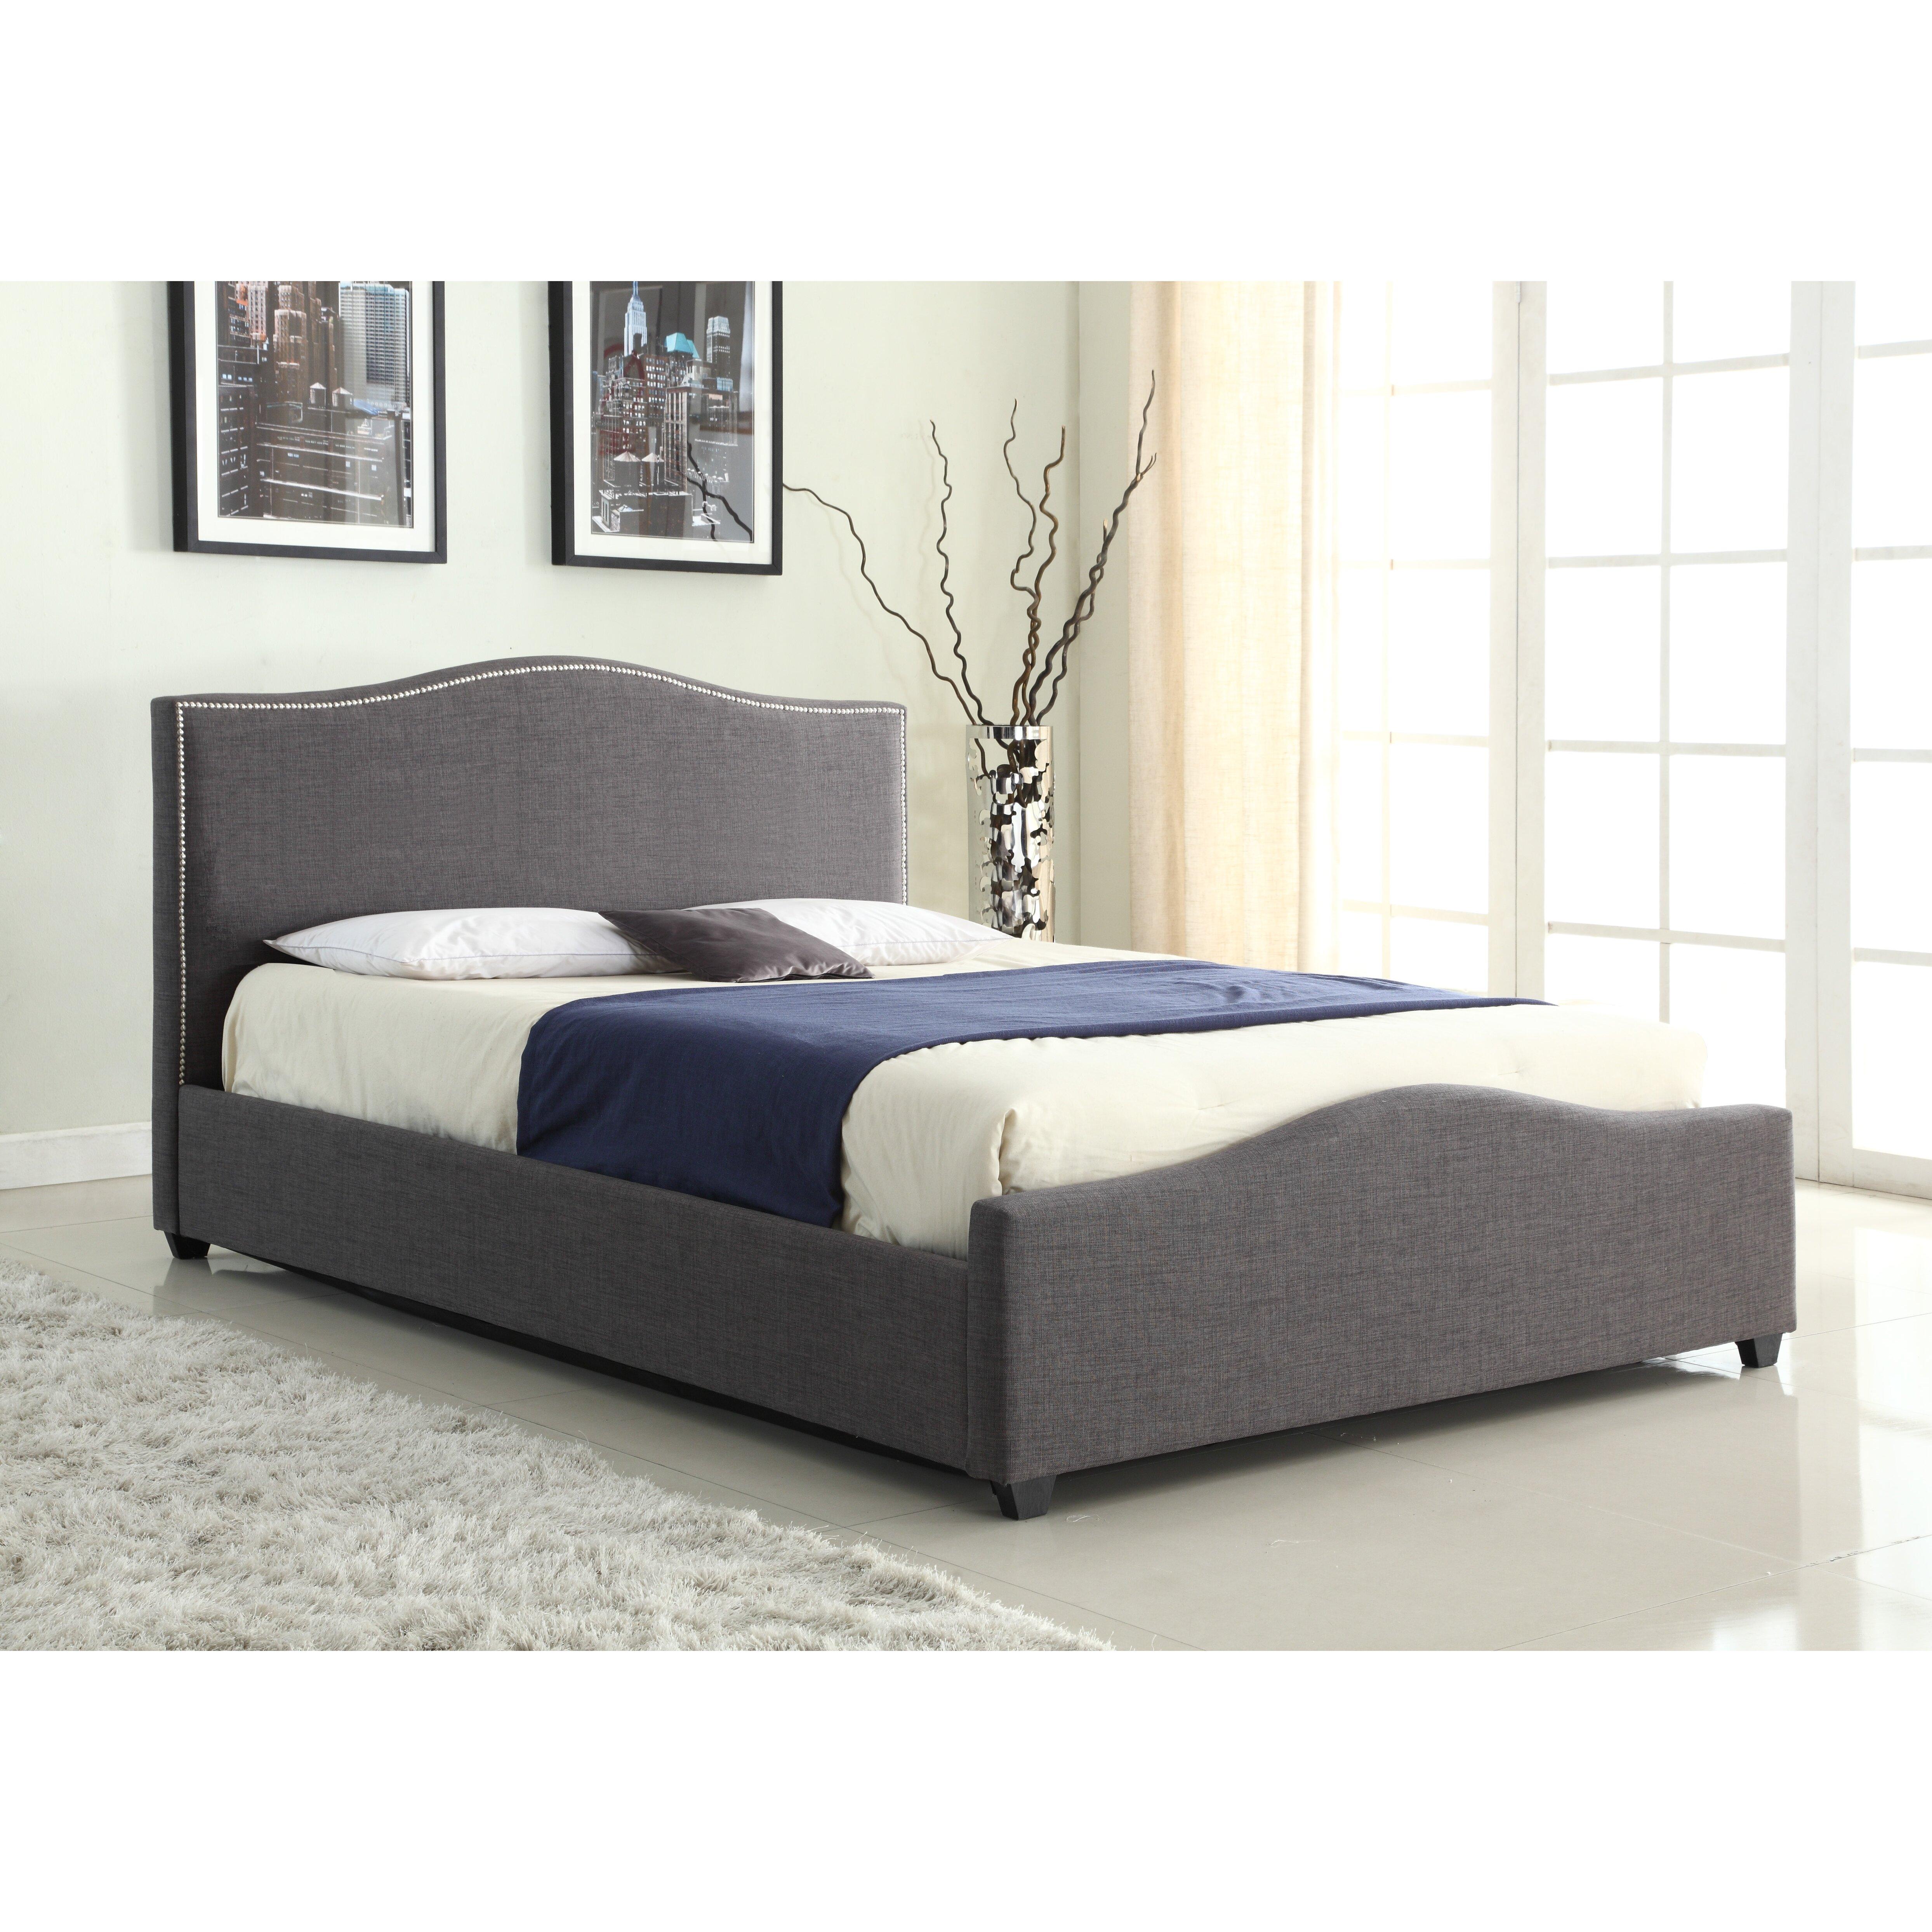 heartlands elle upholstered ottoman bed reviews wayfair uk. Black Bedroom Furniture Sets. Home Design Ideas